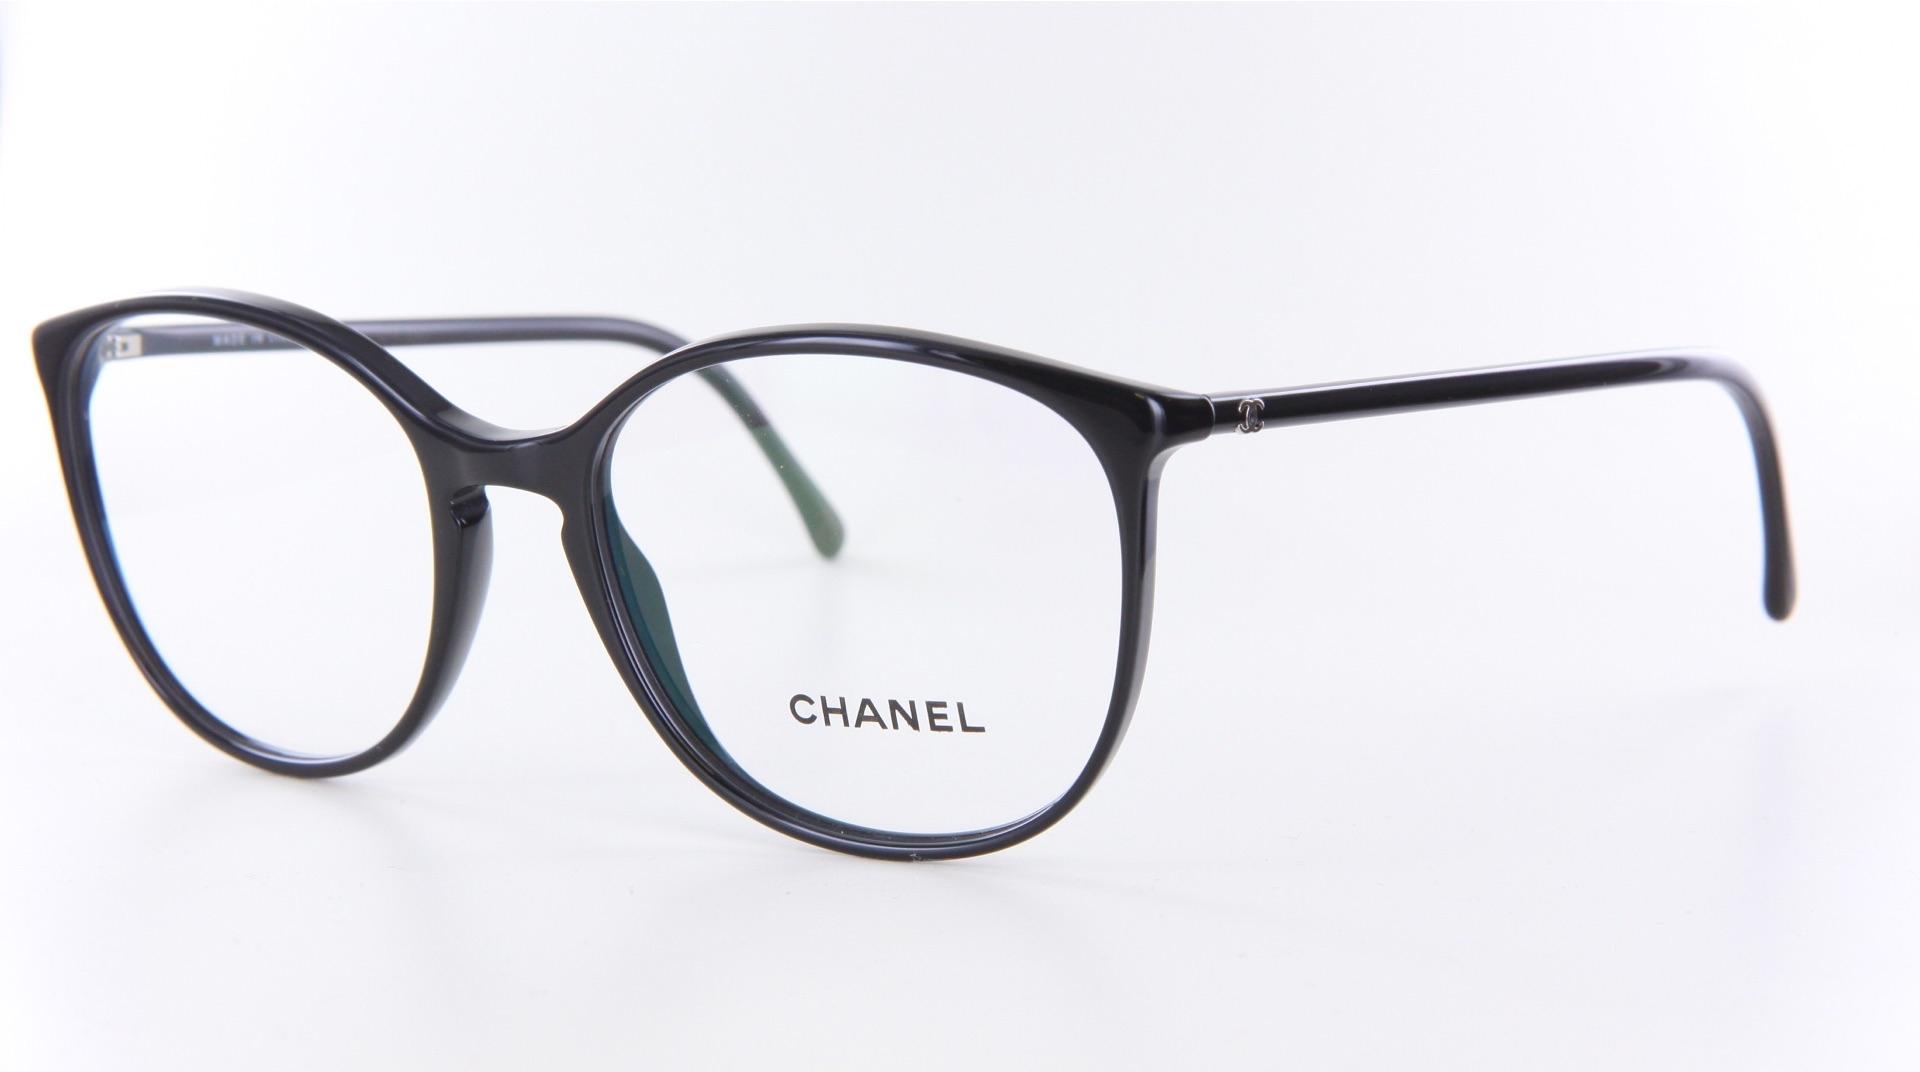 Chanel - ref: 69934